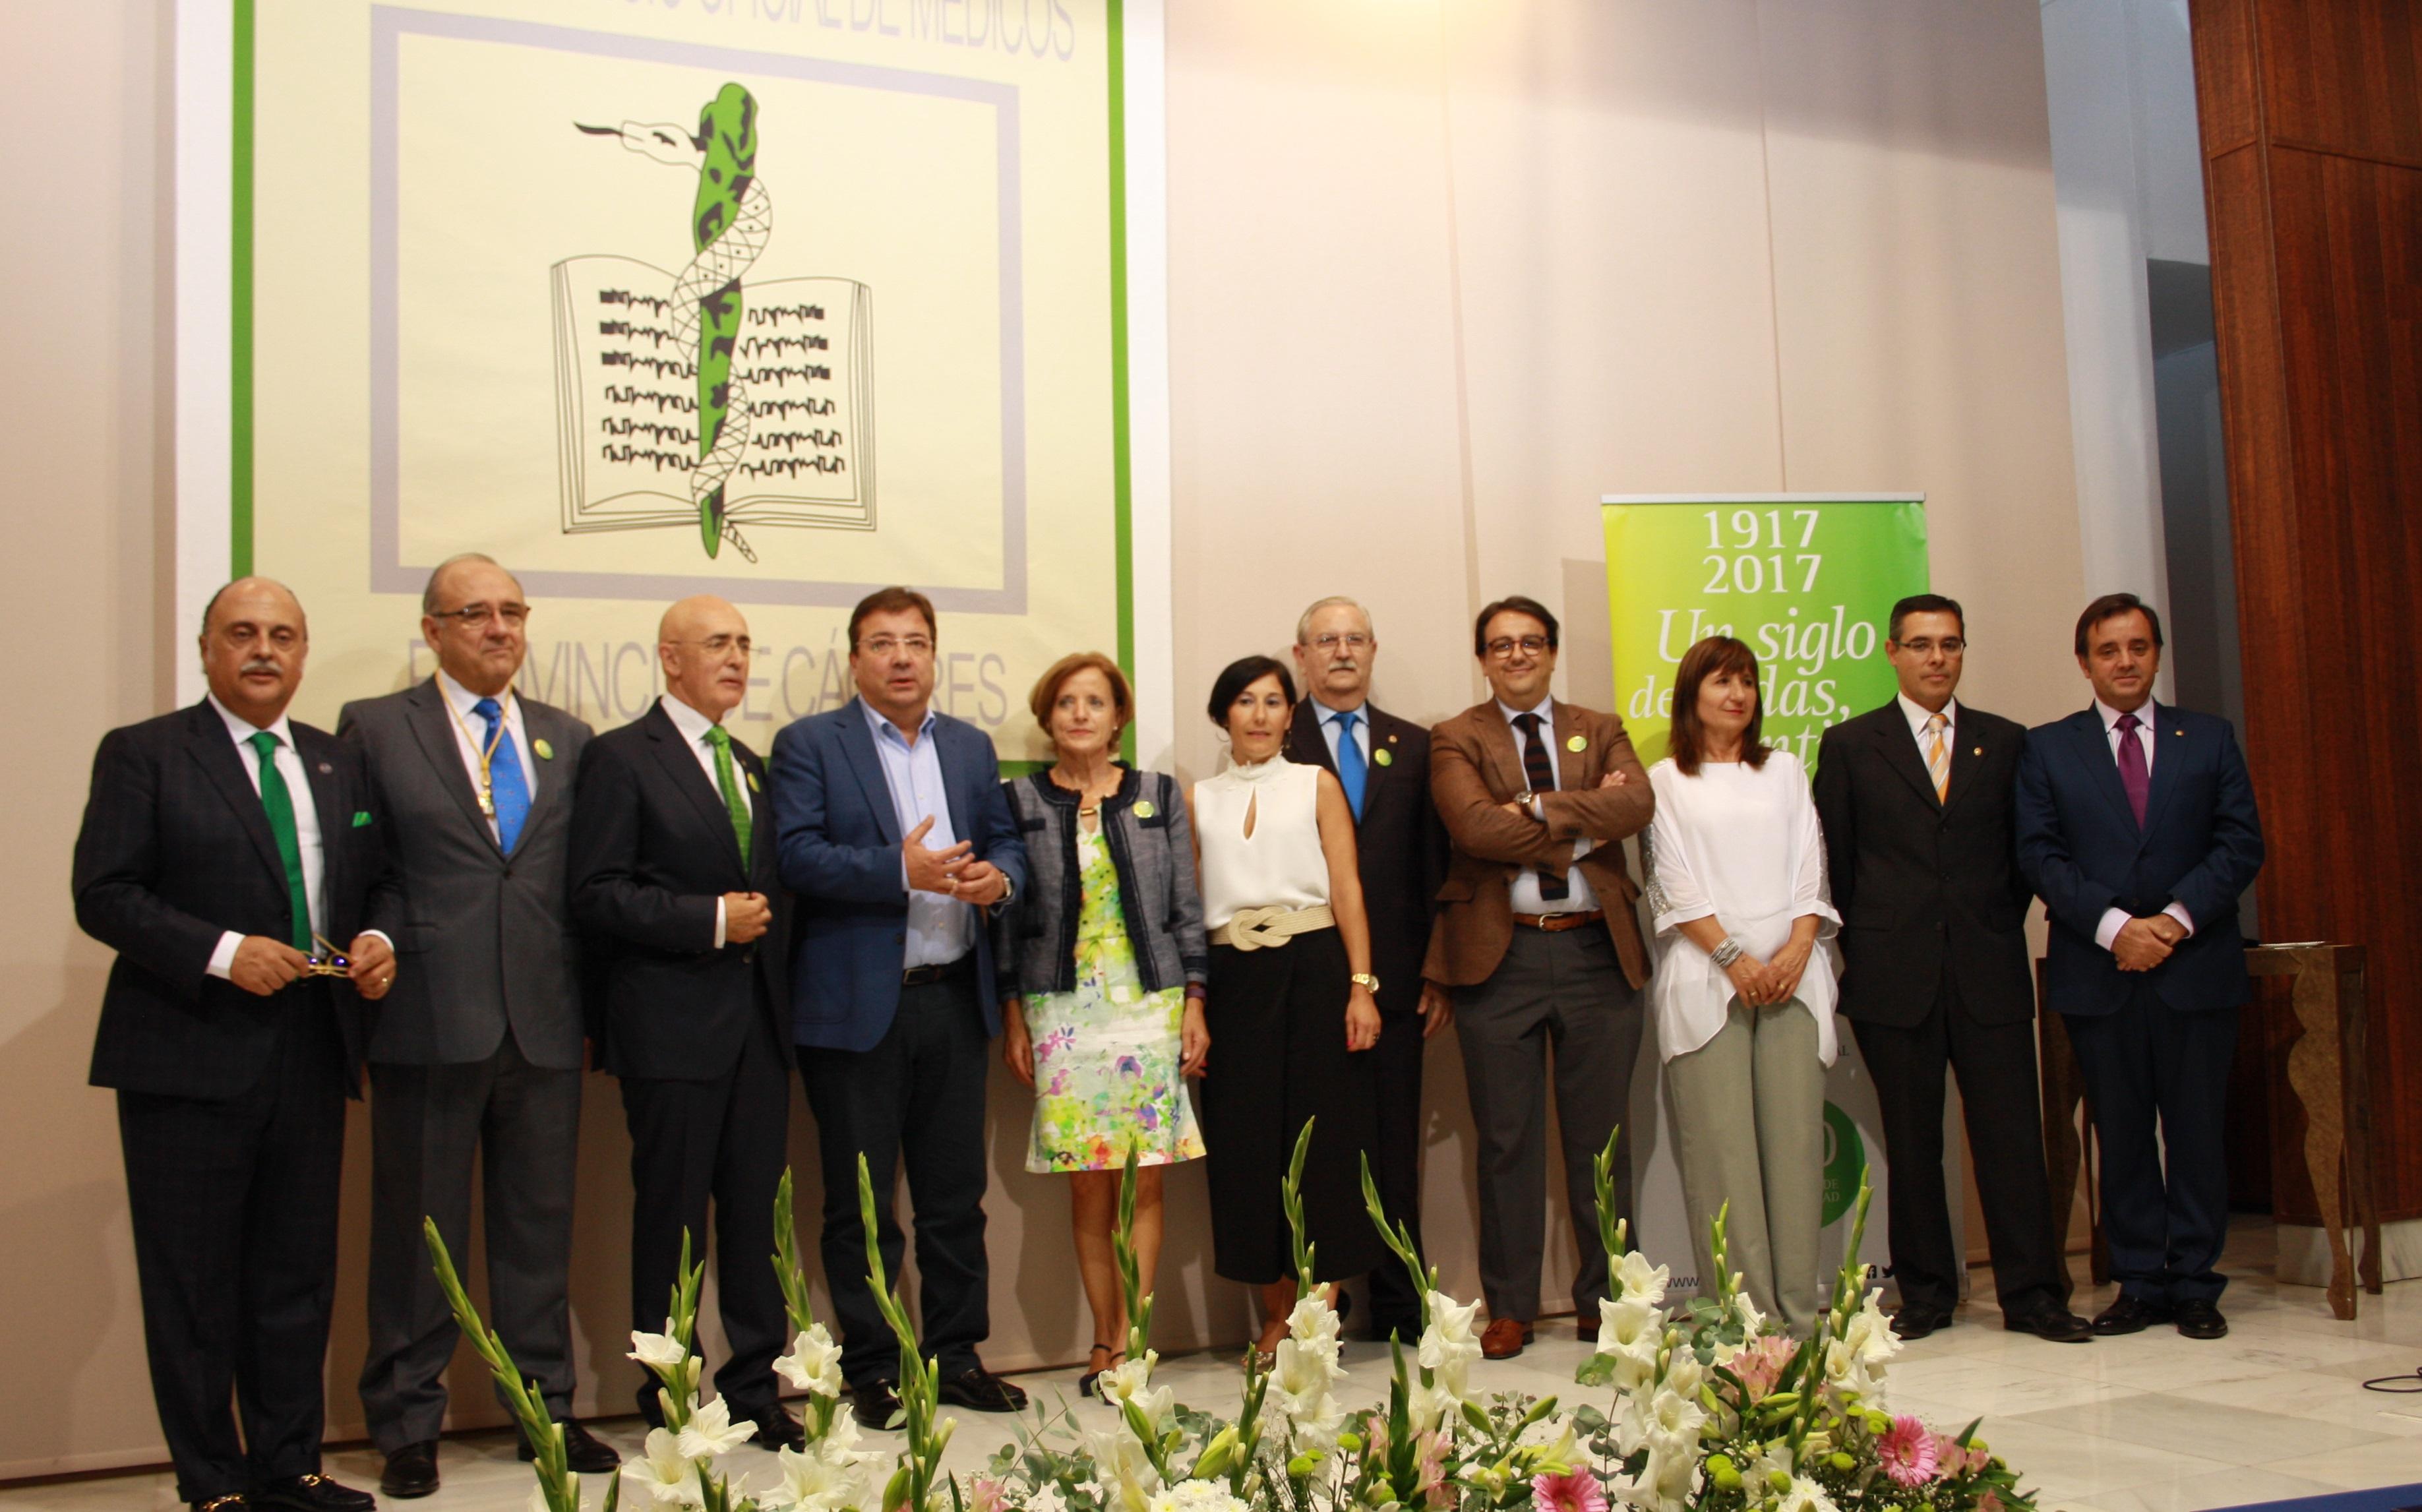 Centenario Fundación Protección Social de la OMC- Cáceres 2